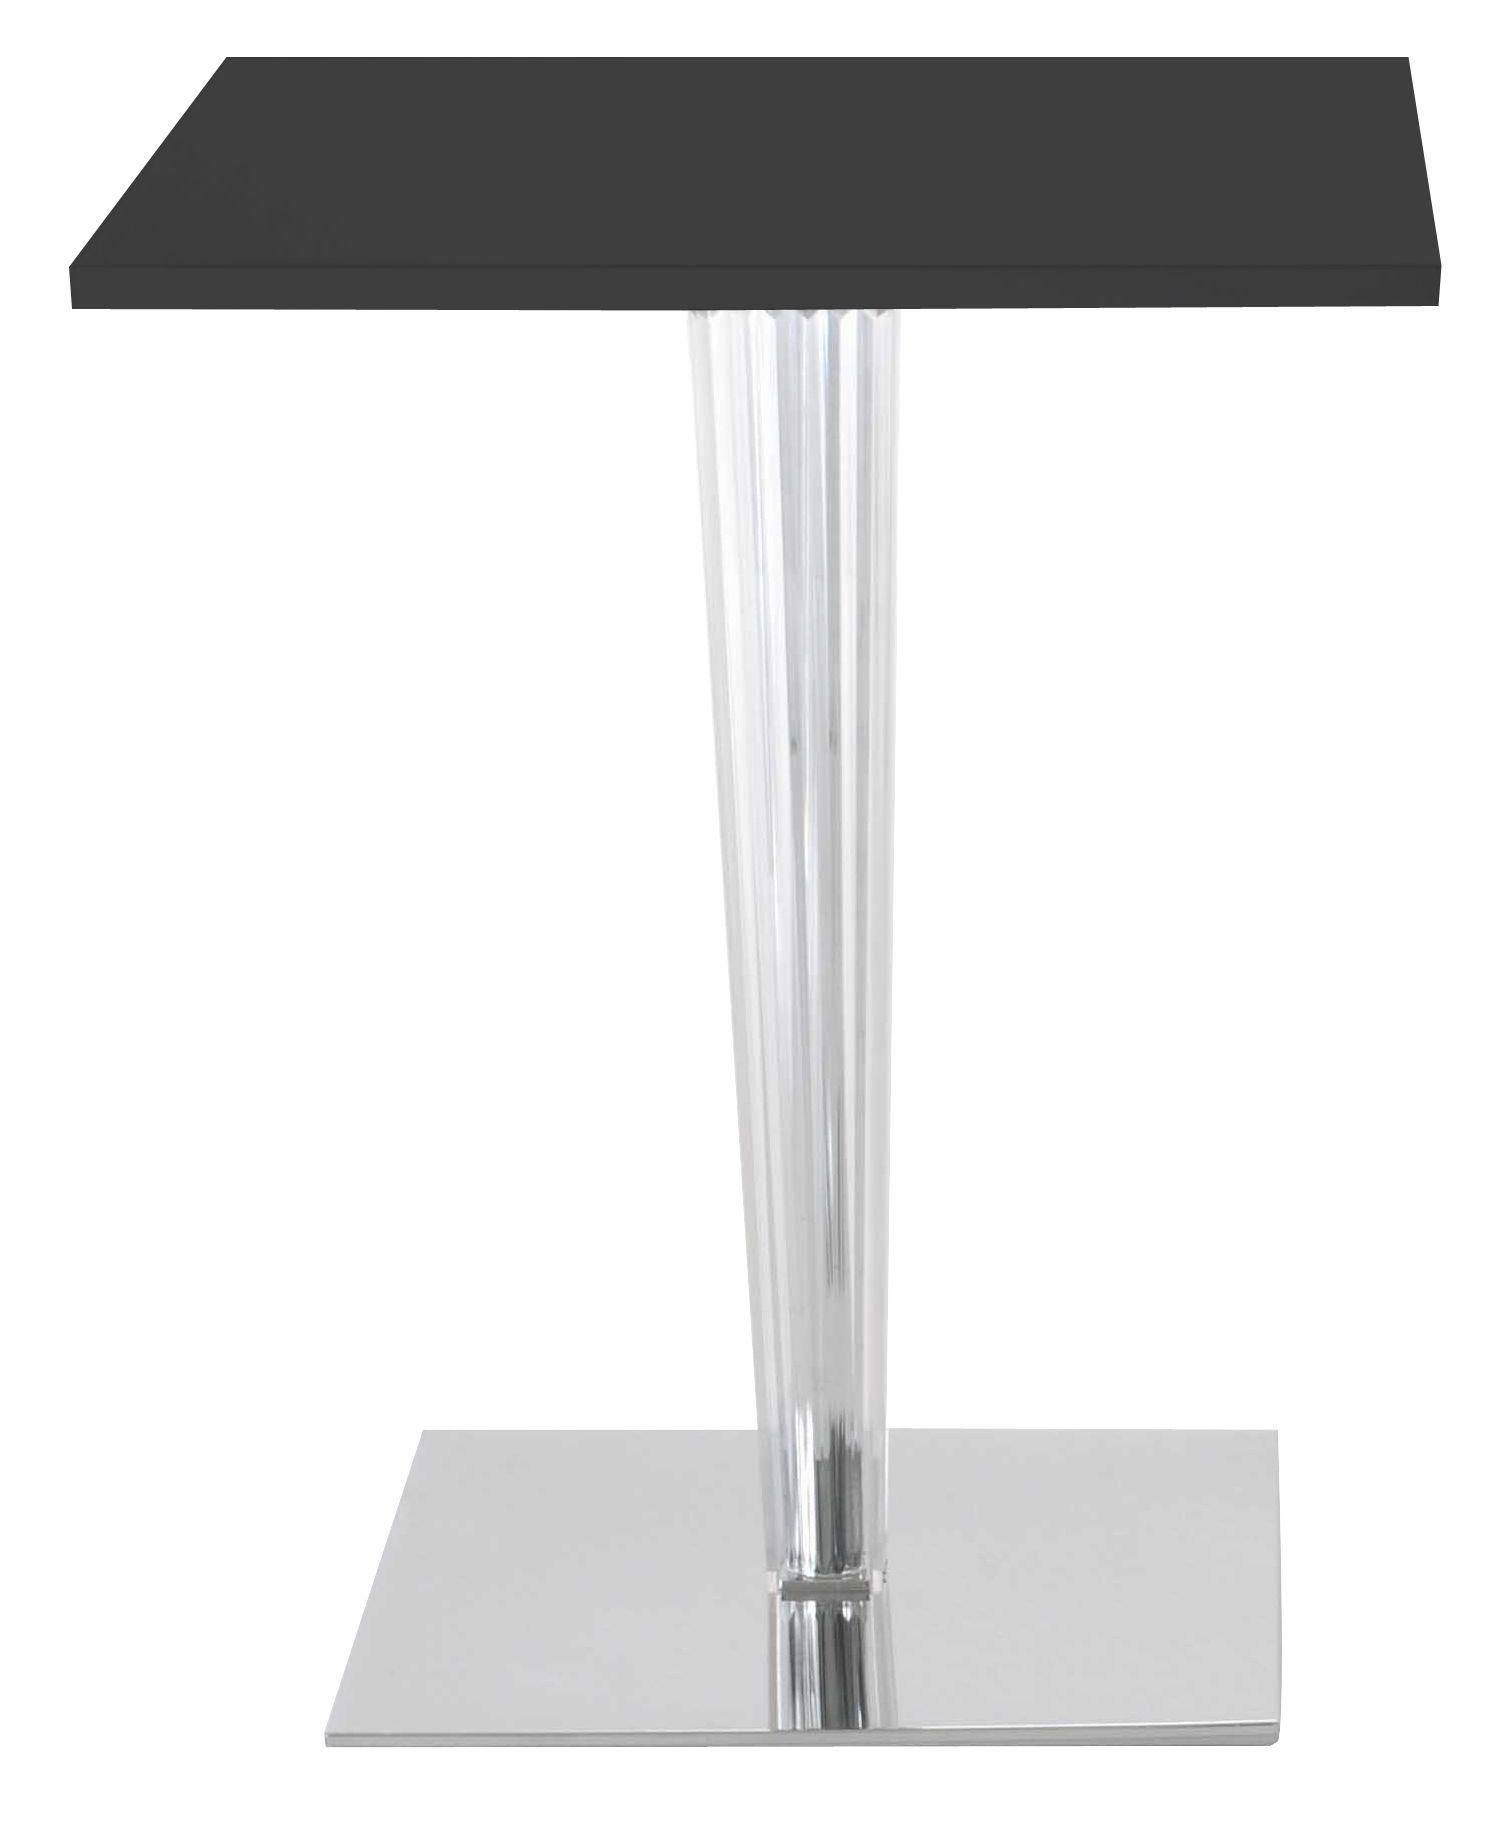 Mobilier - Tables - Table carrée Top Top / Laquée - 70 x 70 cm - Kartell - Noir/ pied carré - Aluminium, PMMA, Polyester laqué